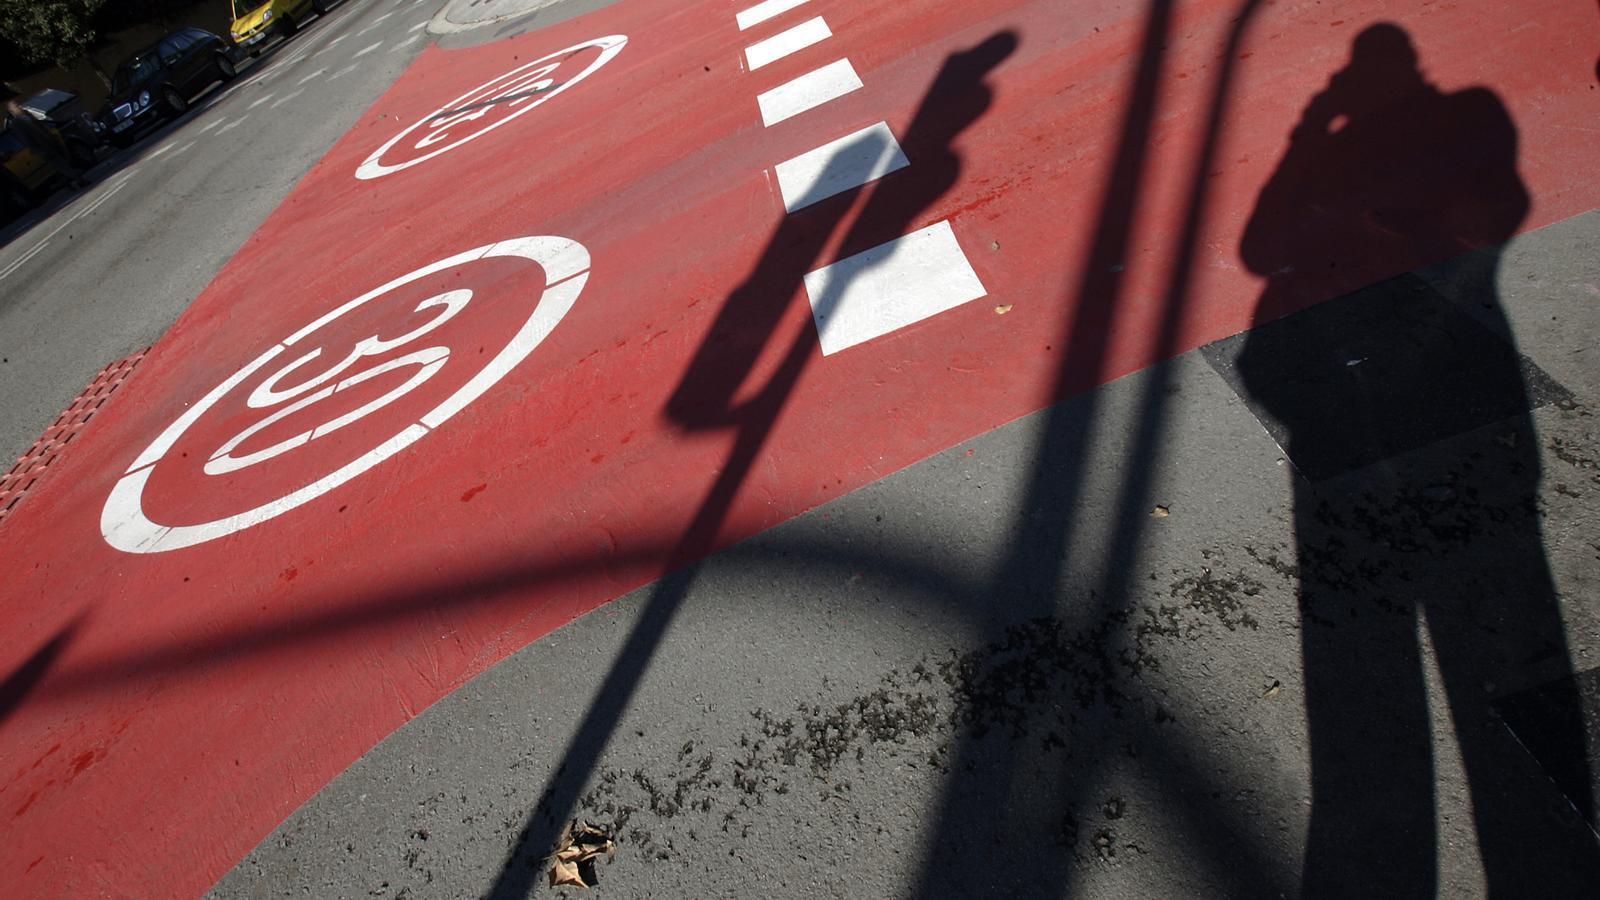 Alguns carrers del barri de Pedralbes han incorporat la limitació de circular a més de 30 km/h.